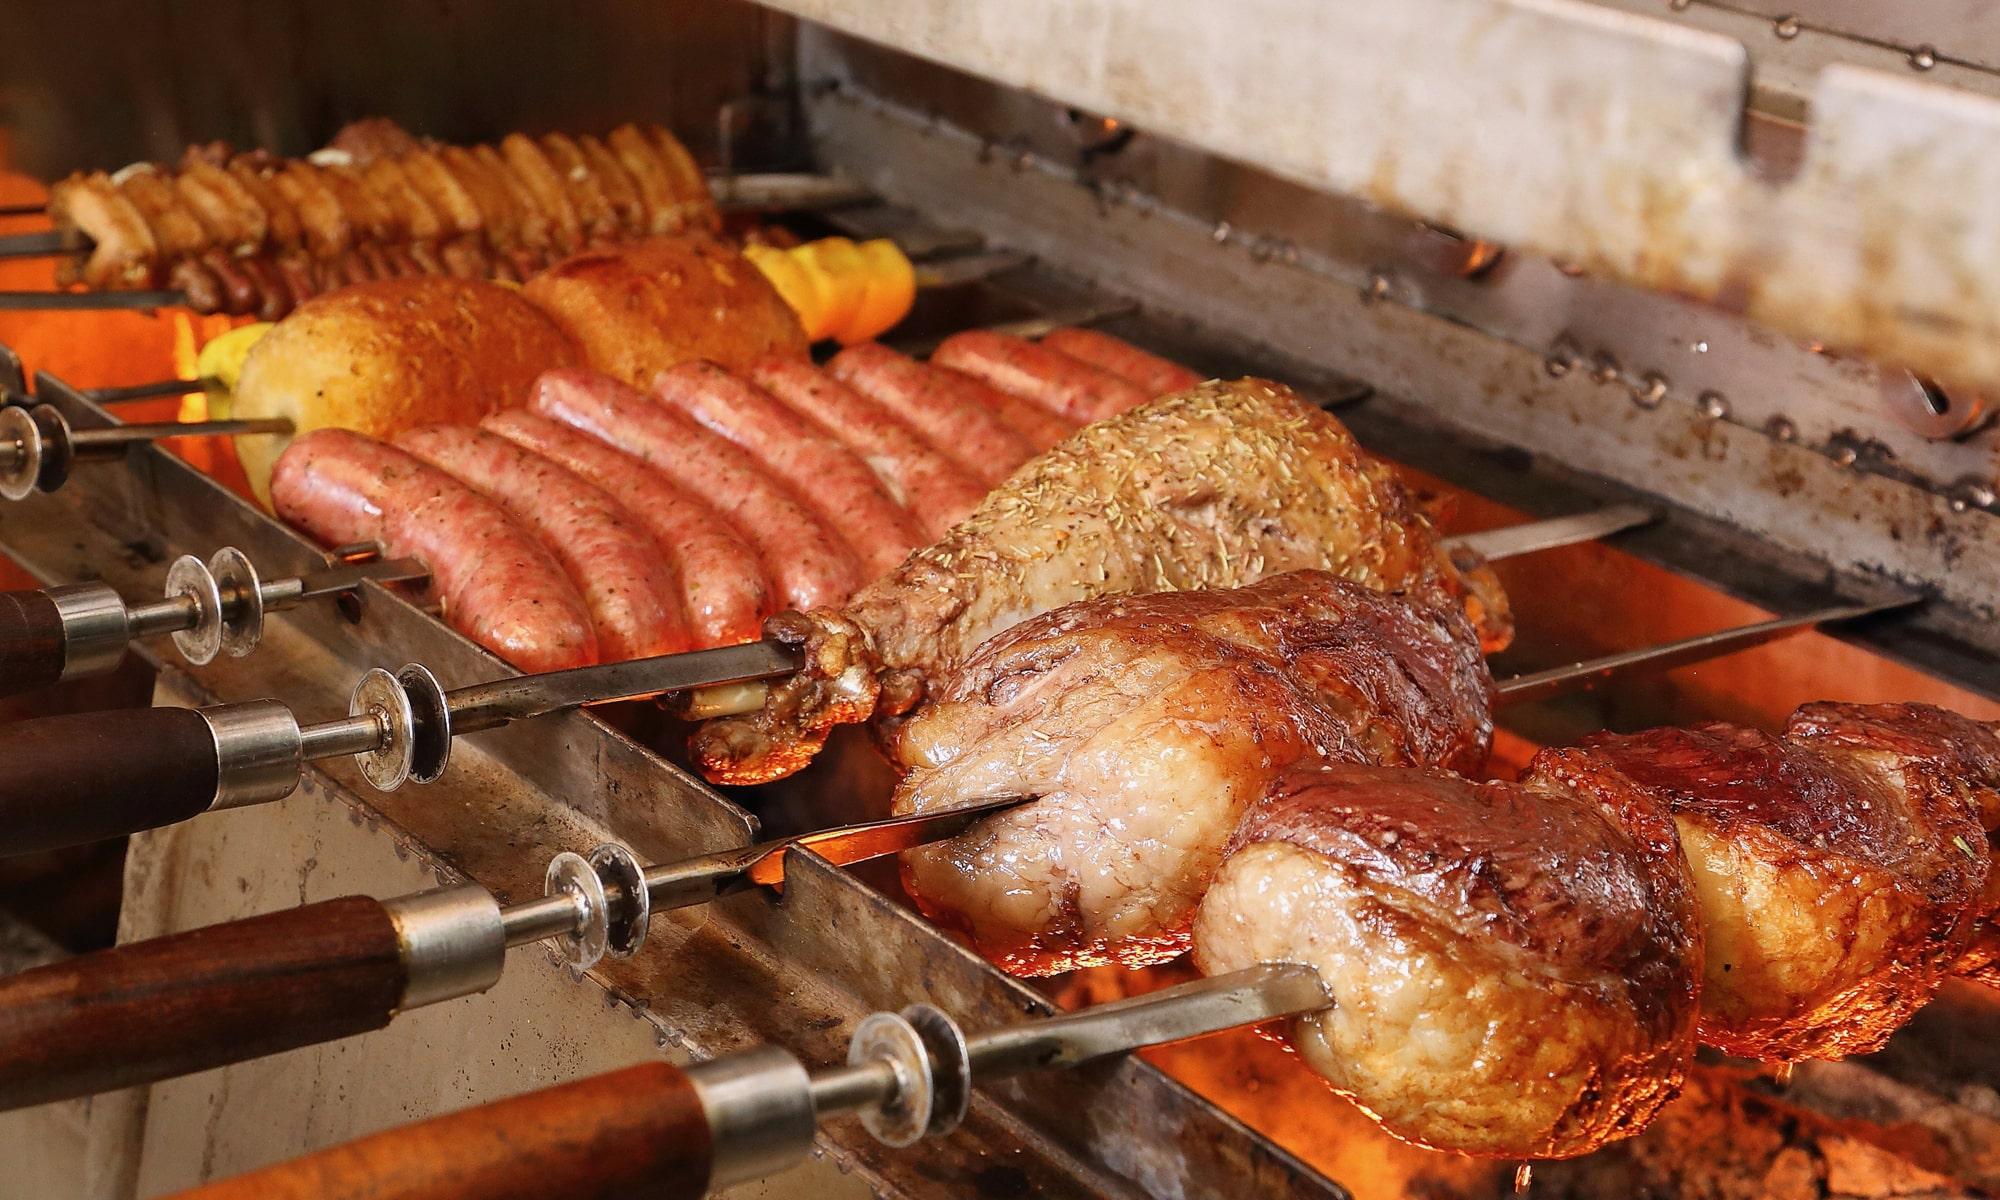 シュラスコを大阪で食べよう!豪快なお肉食べ放題やランチがおすすめなお店9選!